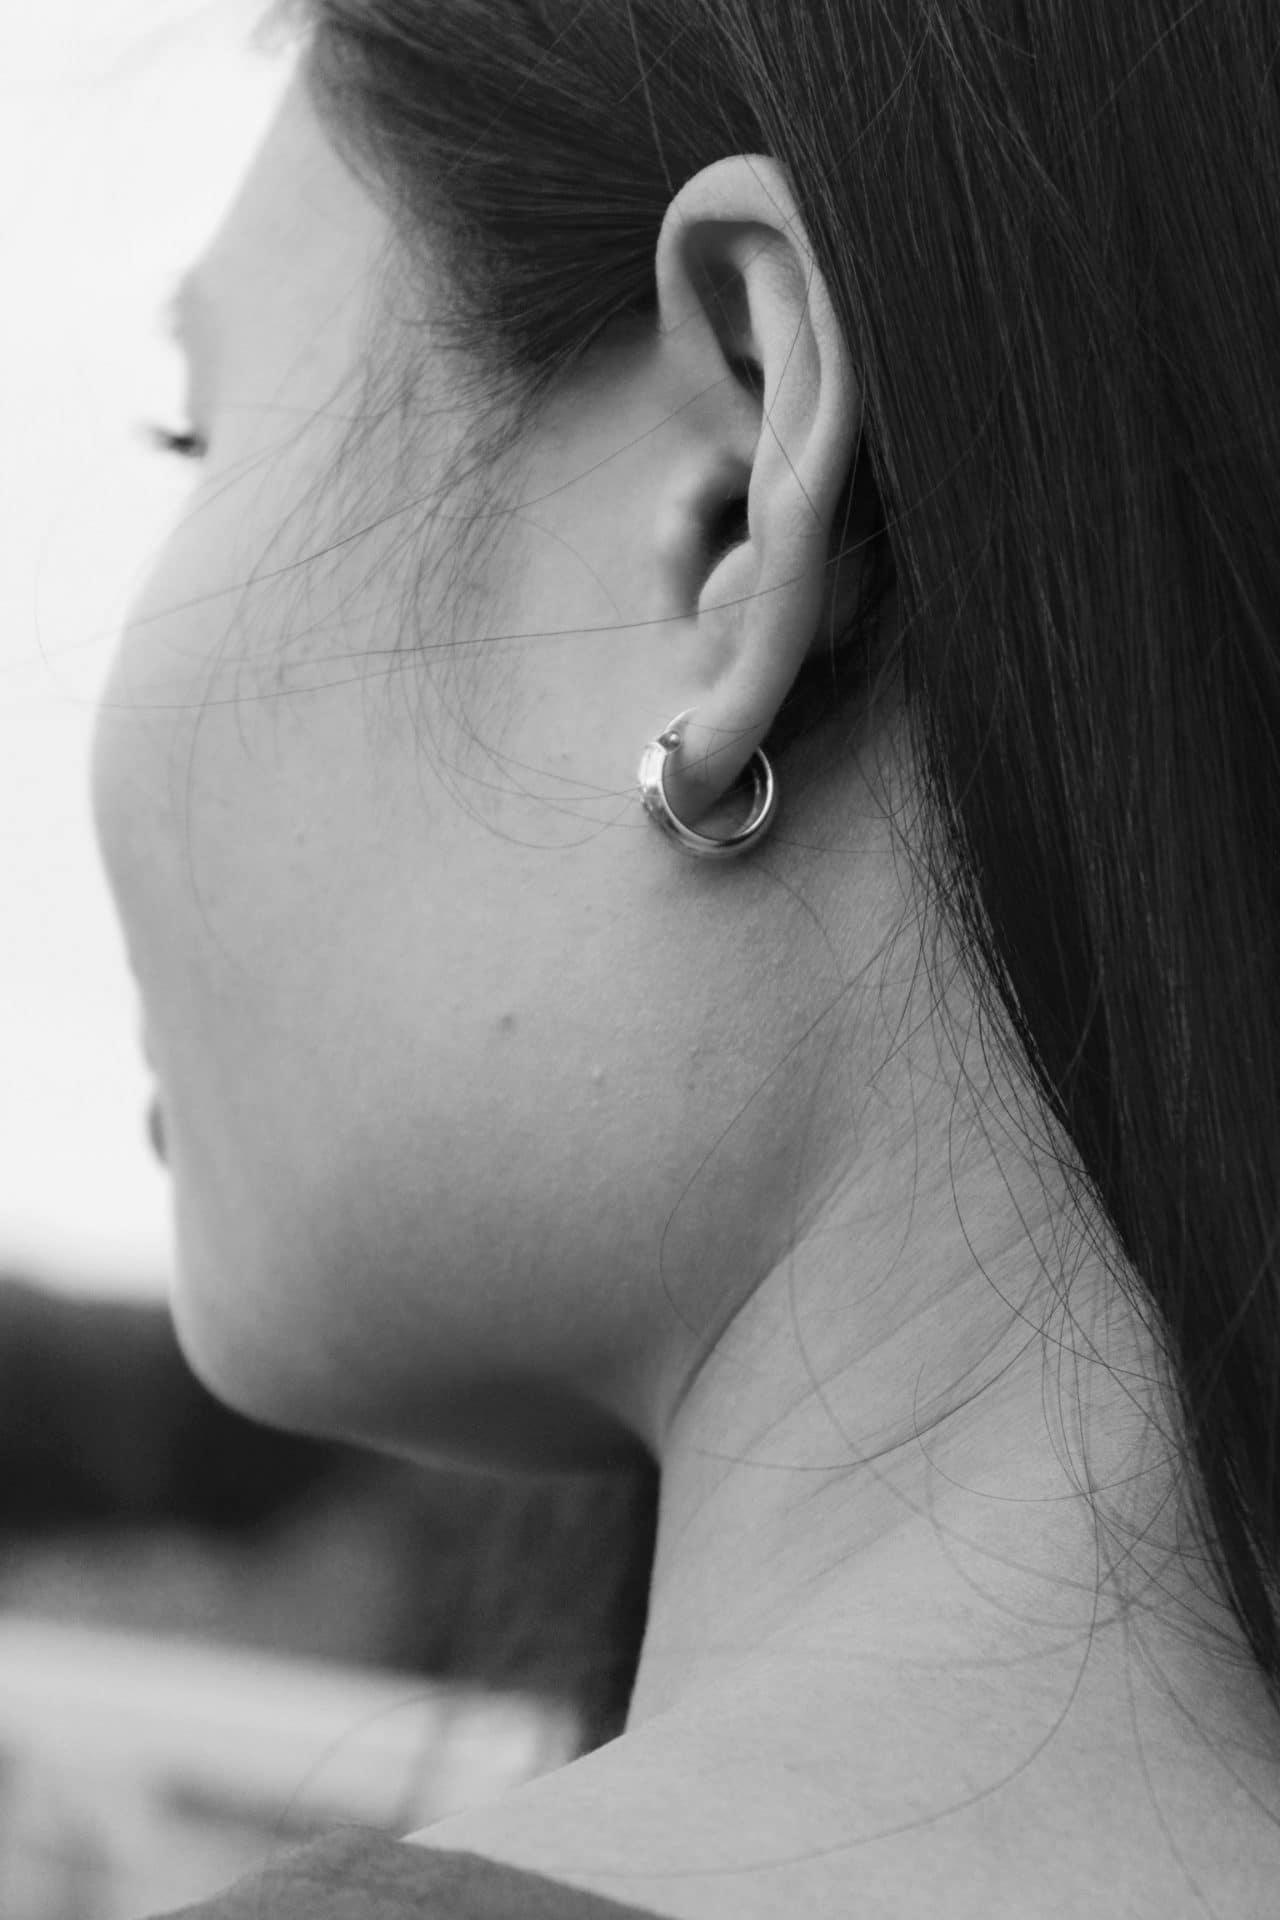 A woman's ear.